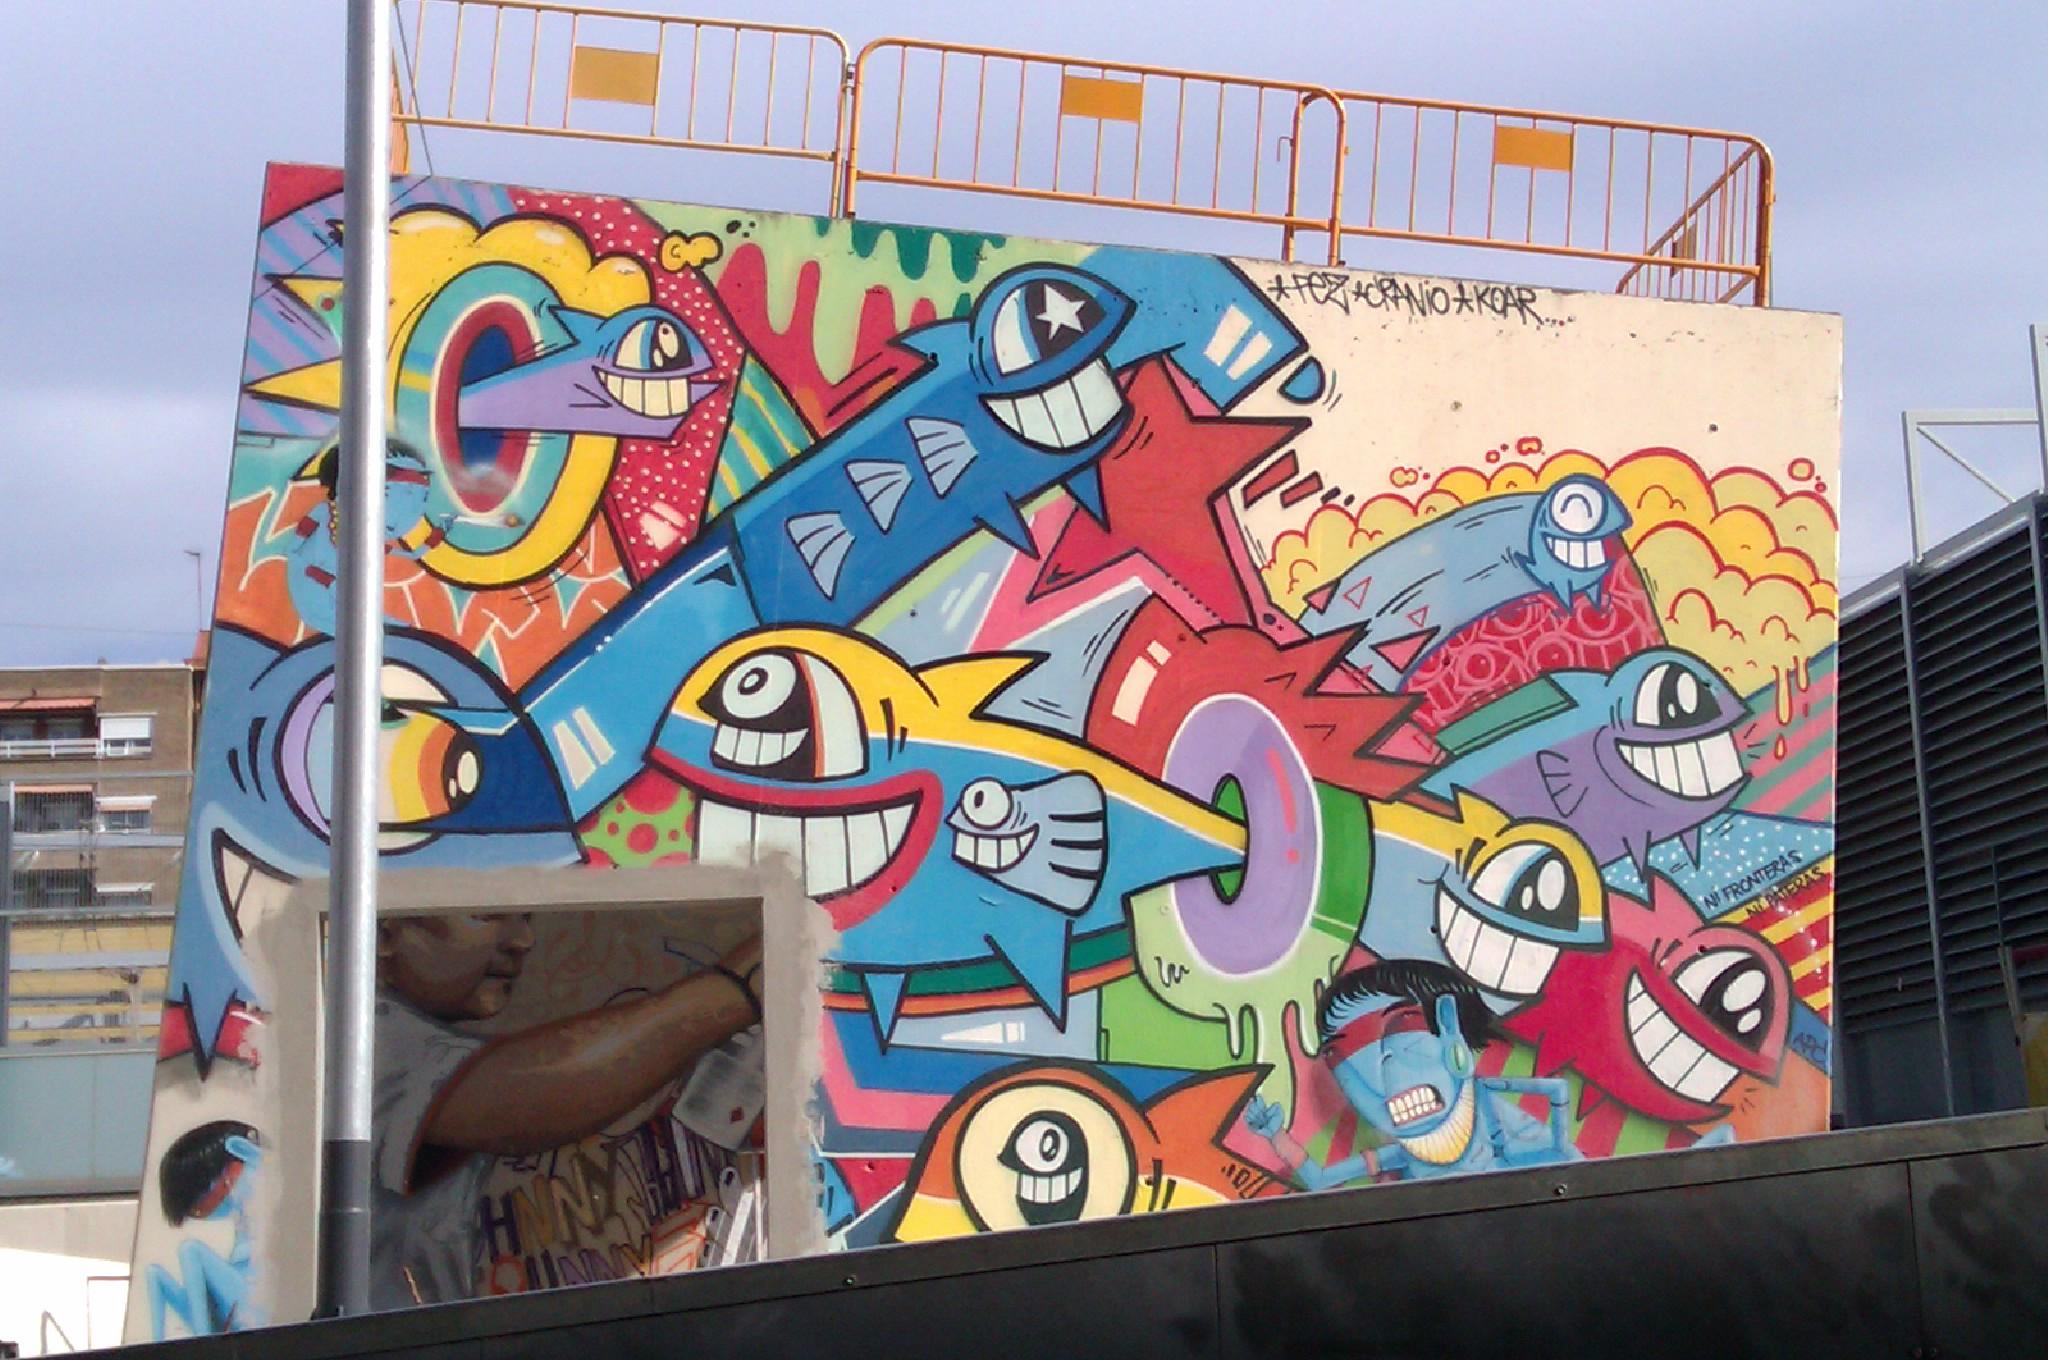 Graffiti art persuasive essay - Related Post Of Graffiti Essay Art